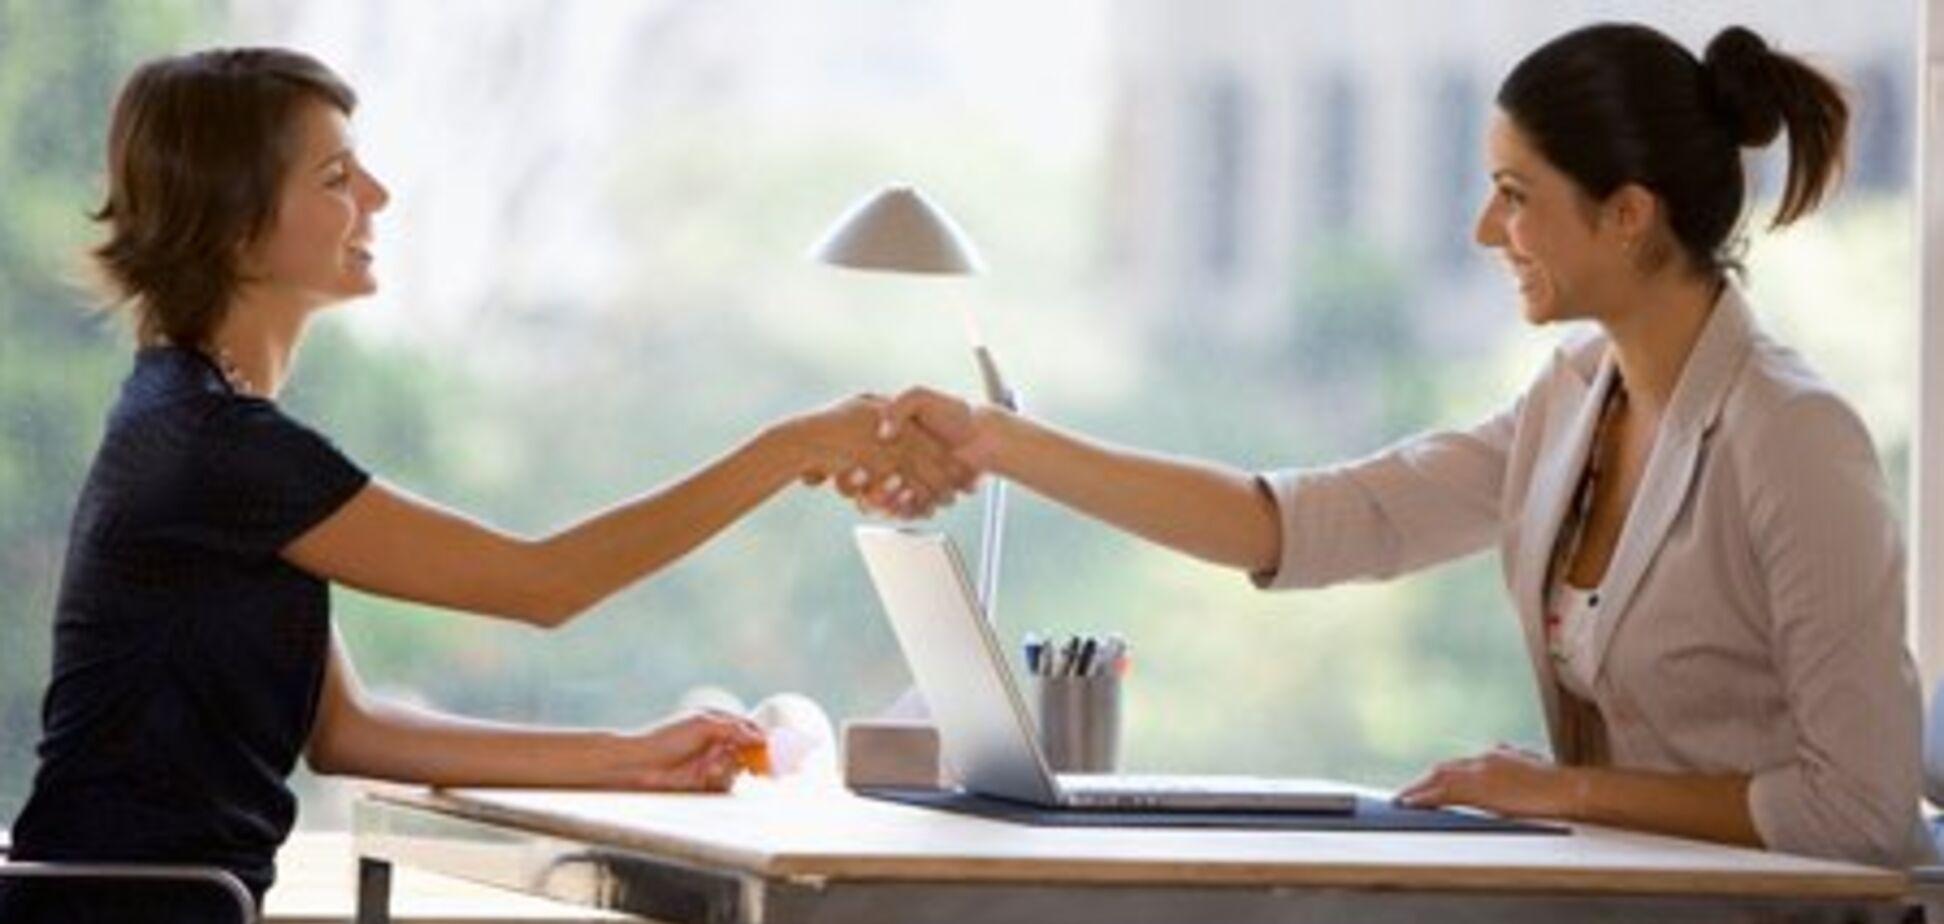 Большие перемены: как сменить работу и не разочароваться?